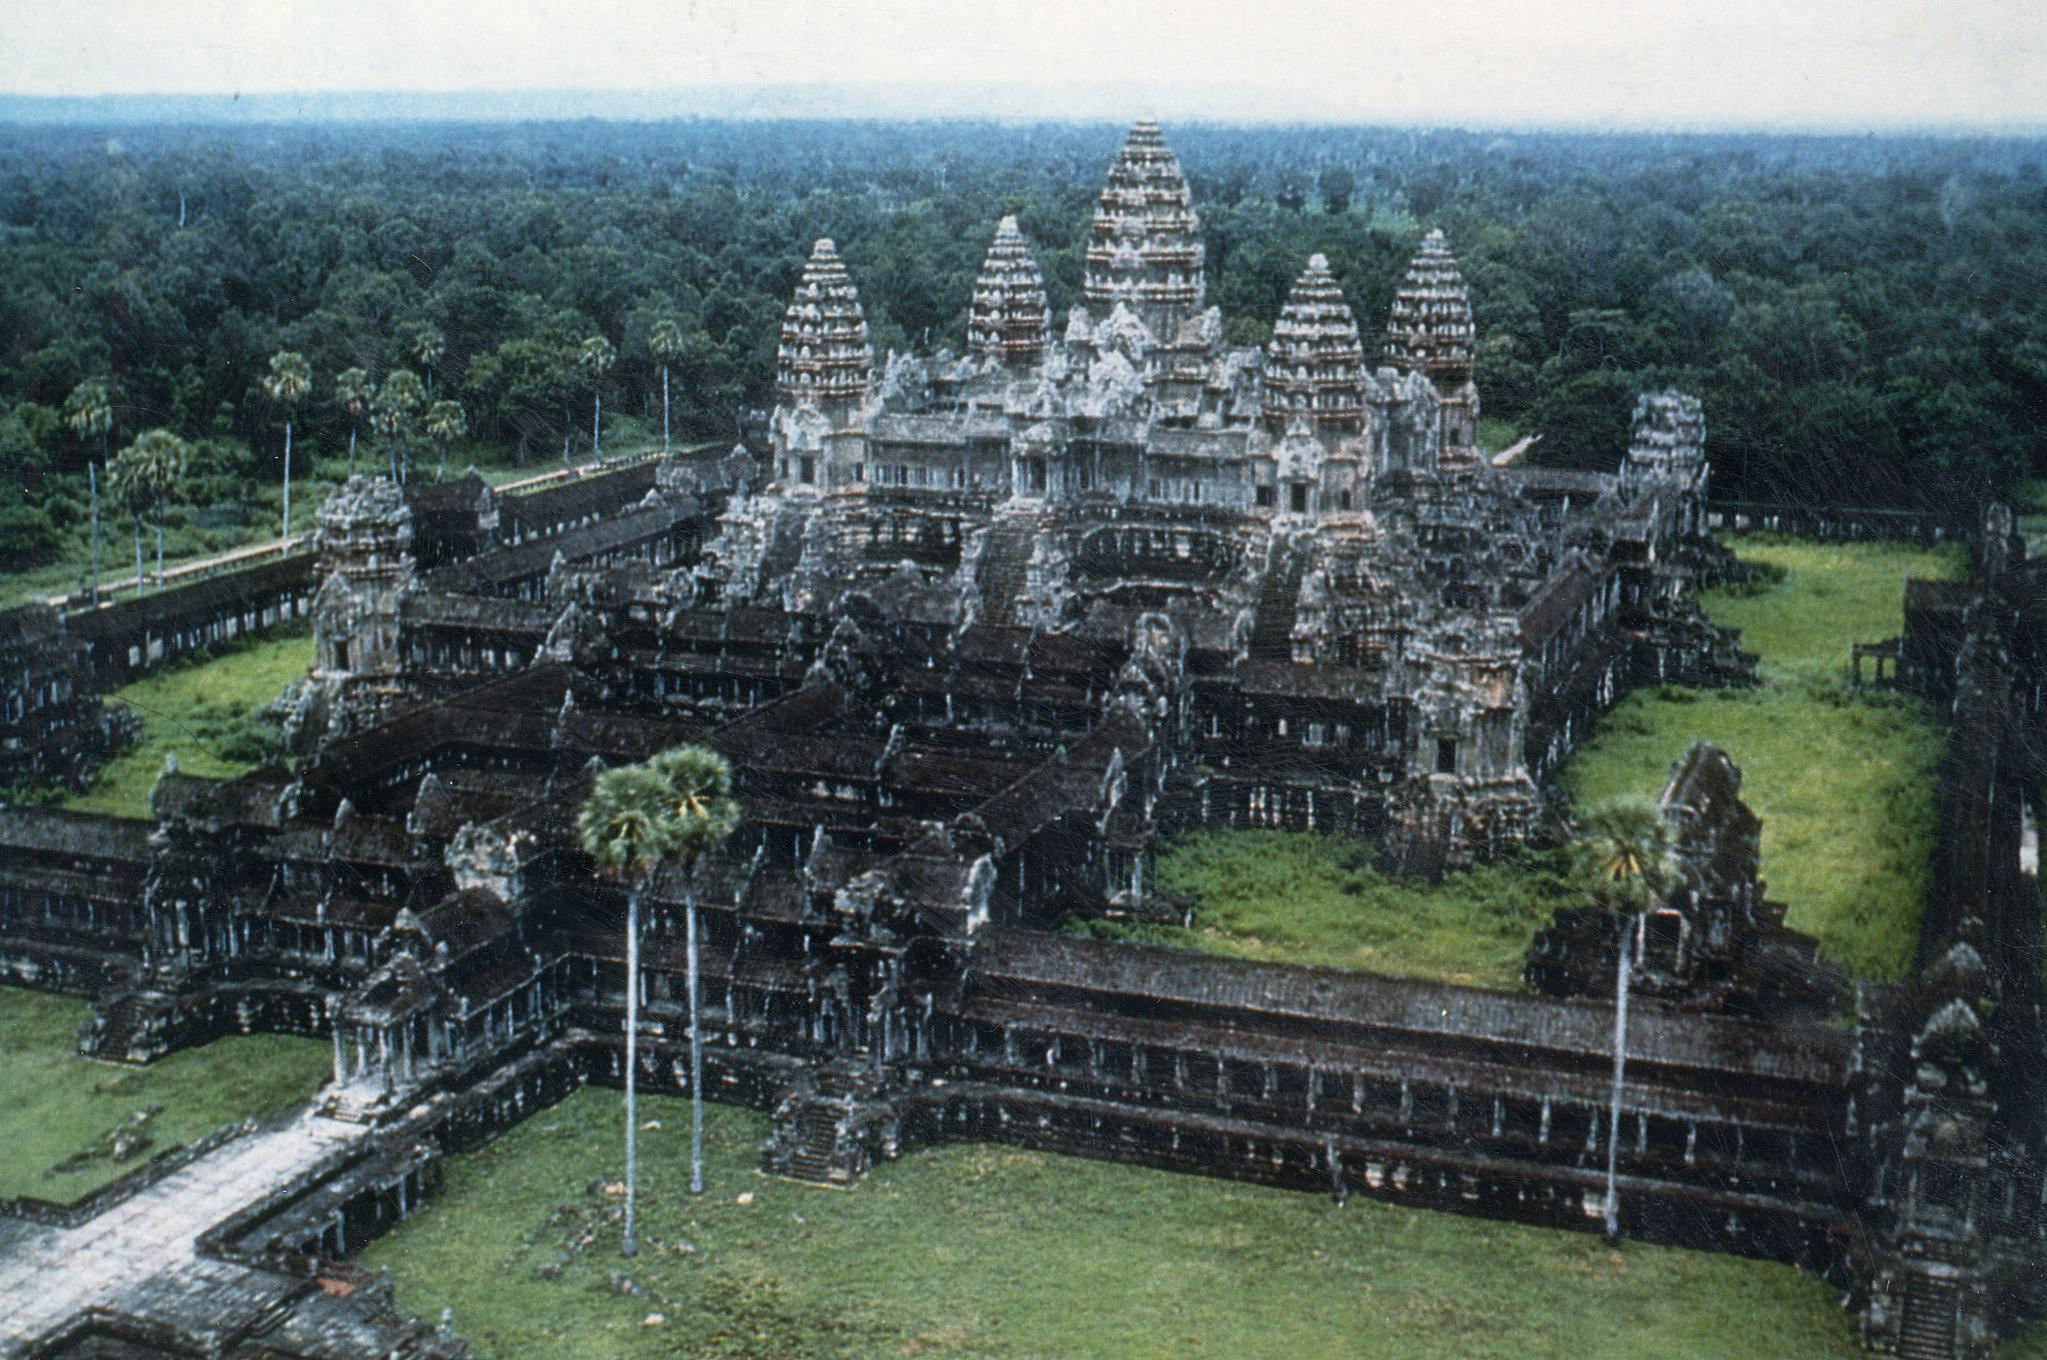 세계 7대 불가사의의 하나로 꼽히는 캄보디아 석조사원 앙코르와트의 전경. 중앙포토